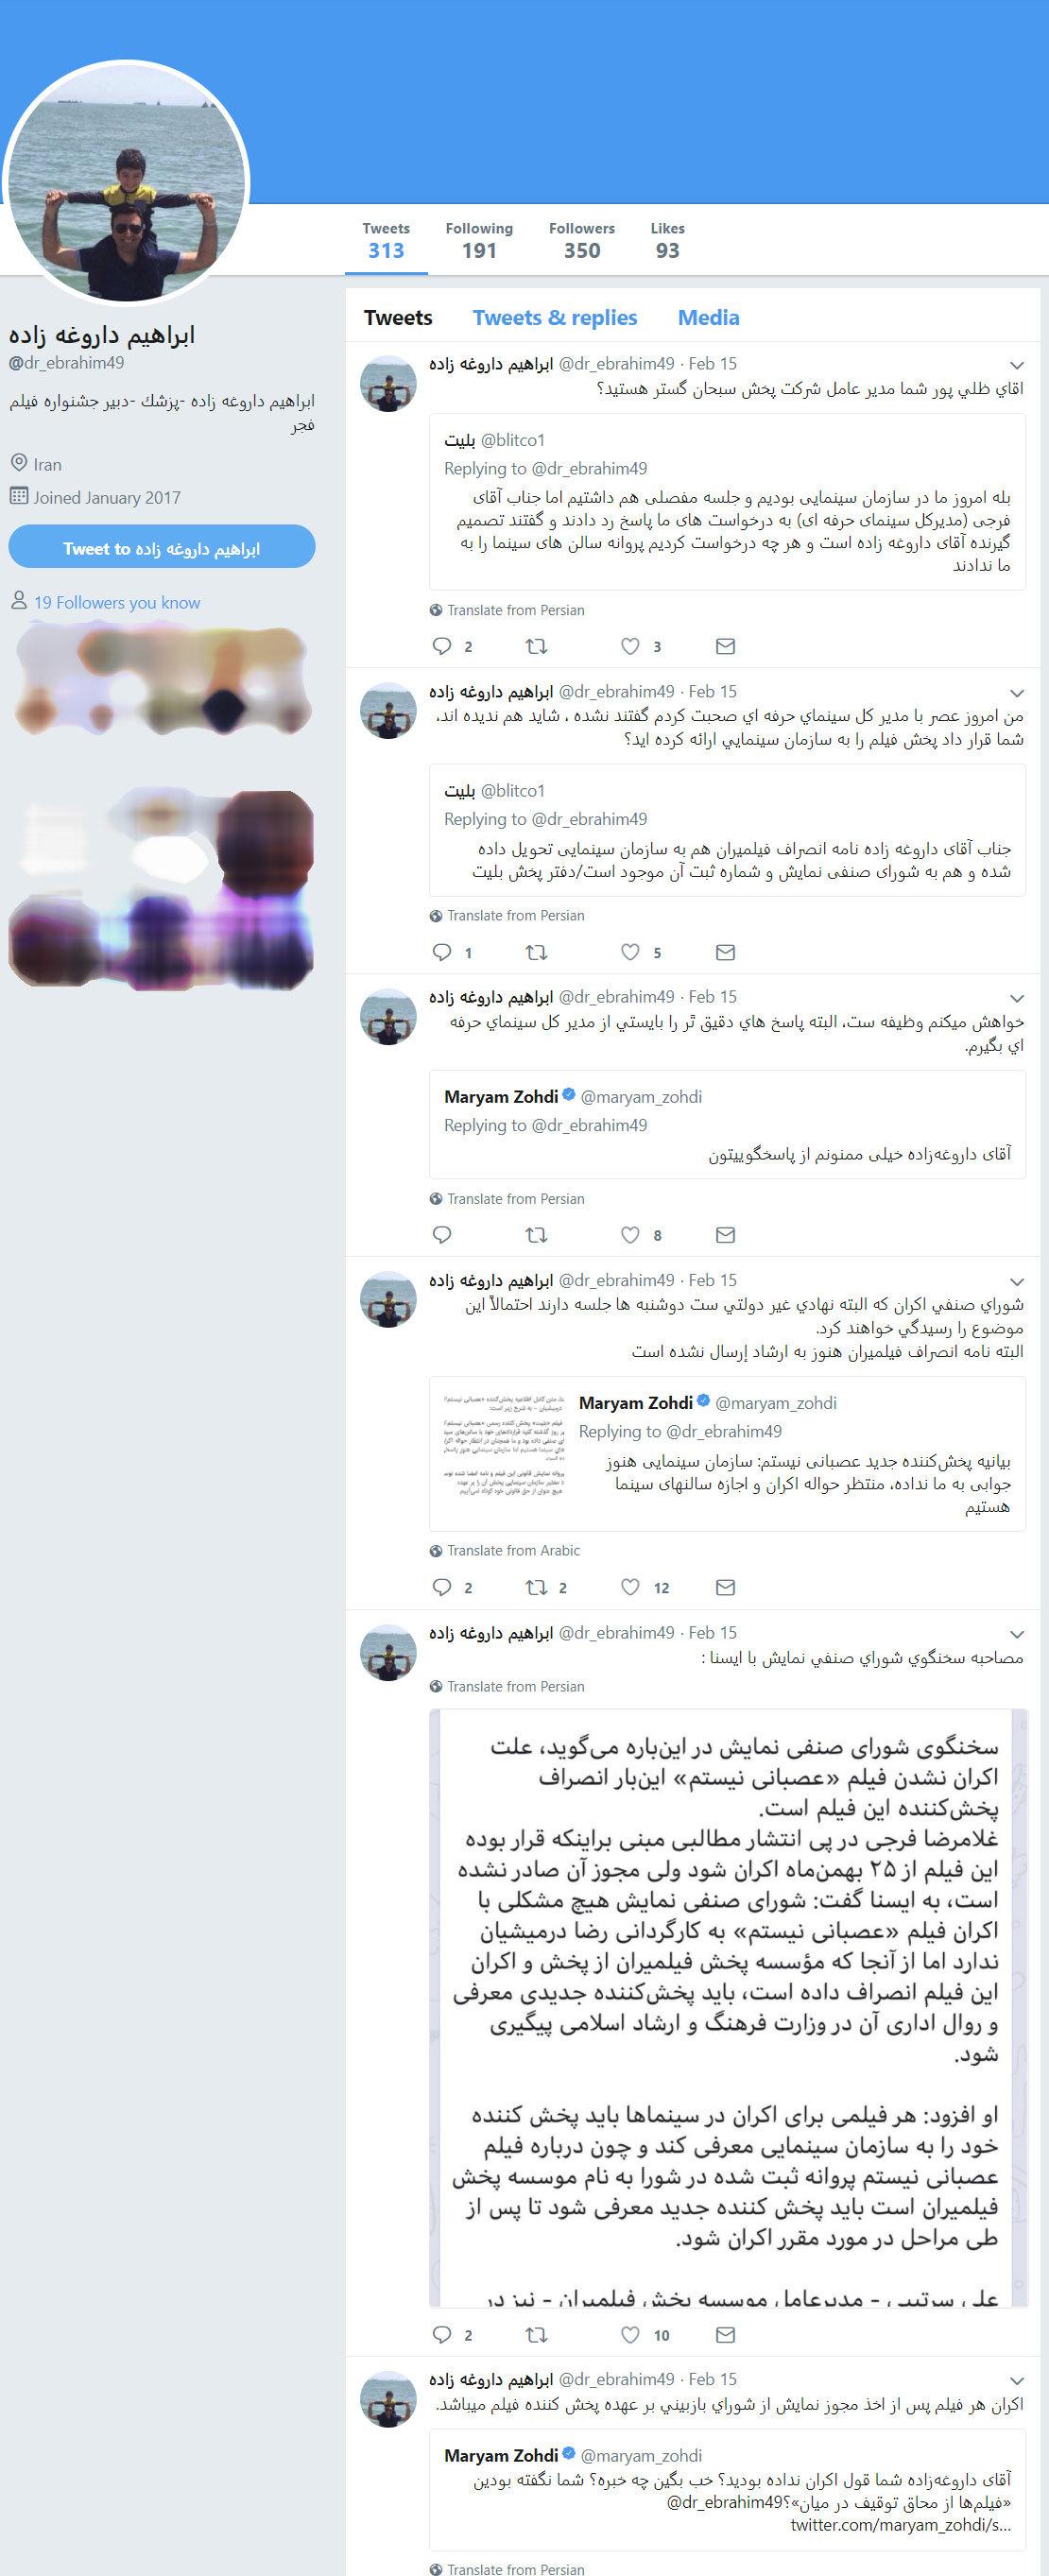 مناظره توییتری مدیر سازمان سینمایی درباره لغو اکران «عصبانی نیستم»